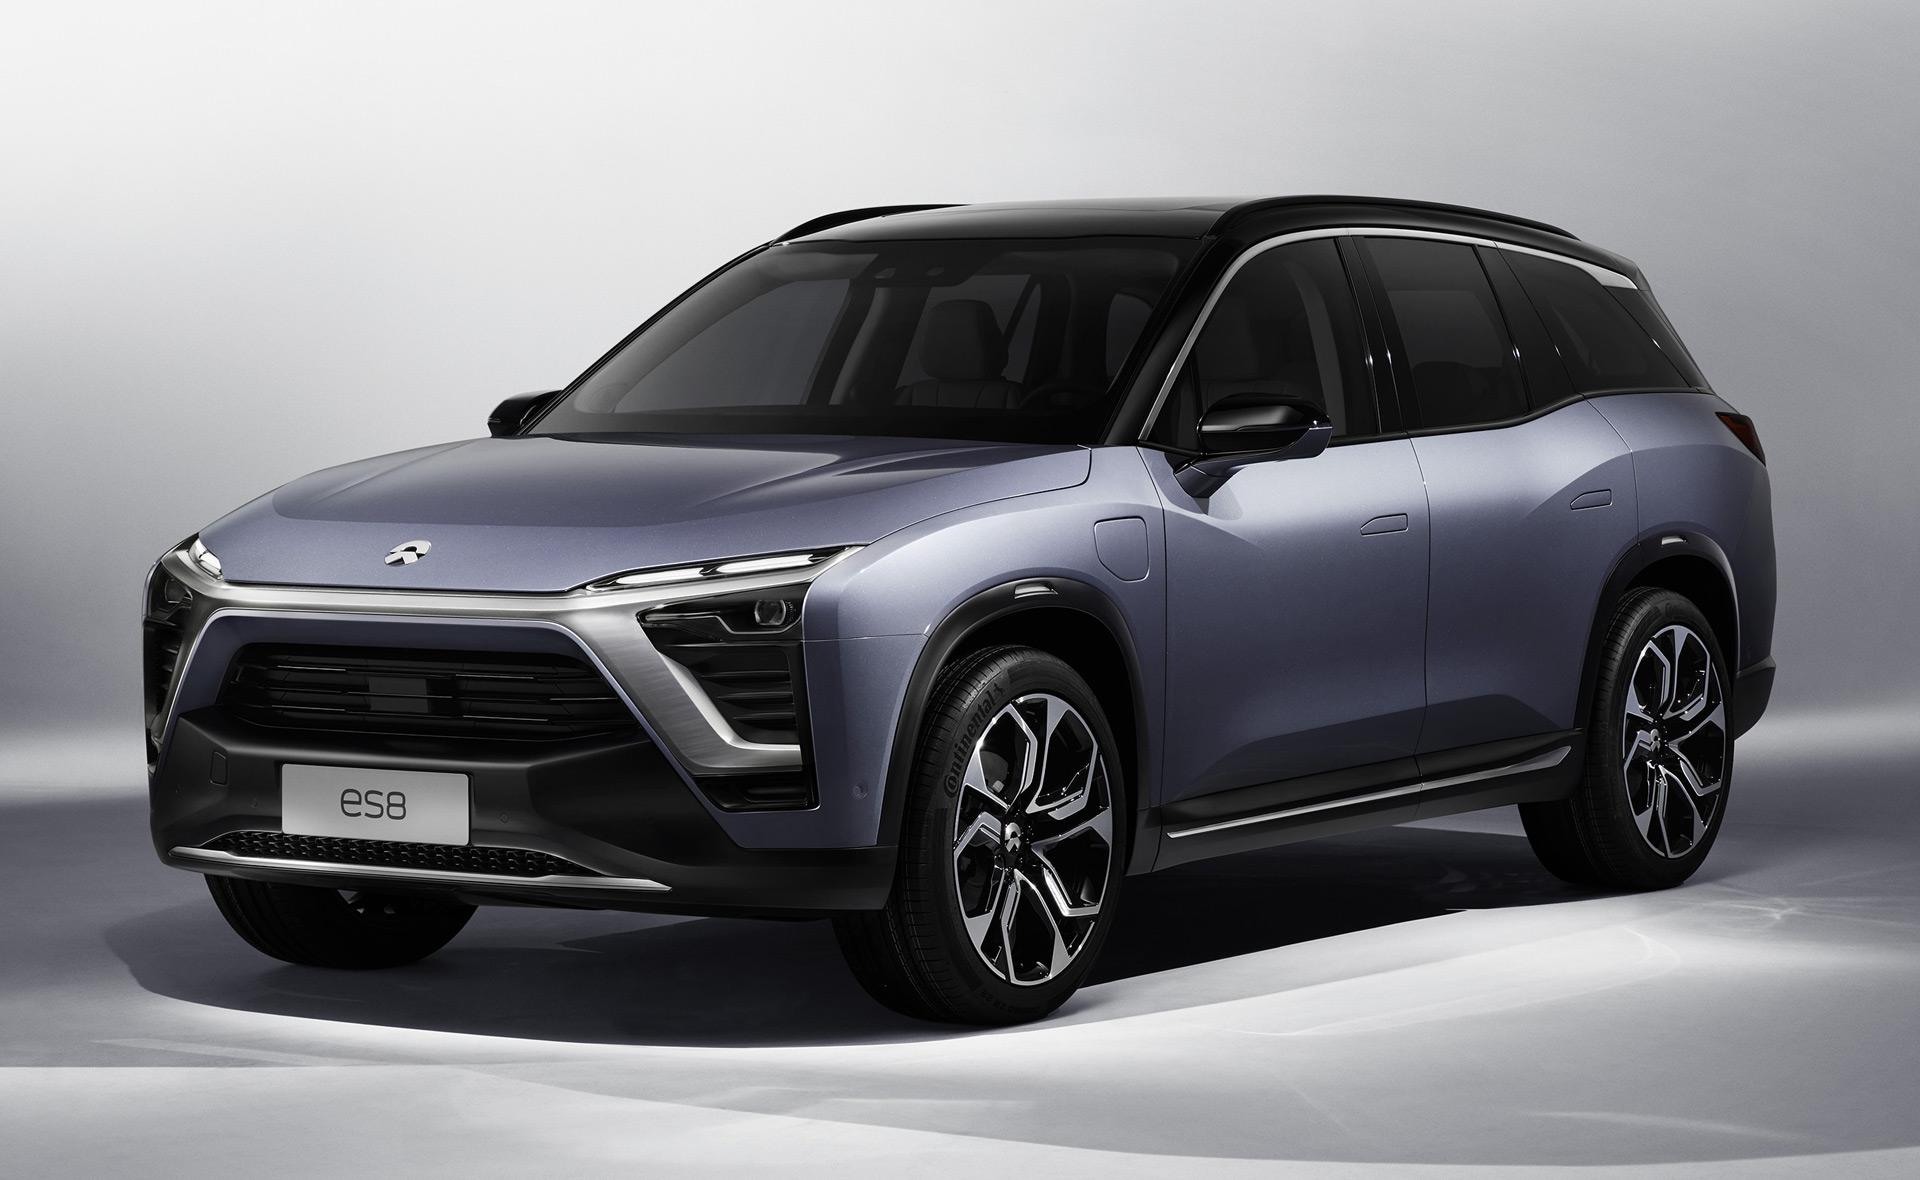 Nio ES8 Electric SUV Sales Begin In China With Tesla